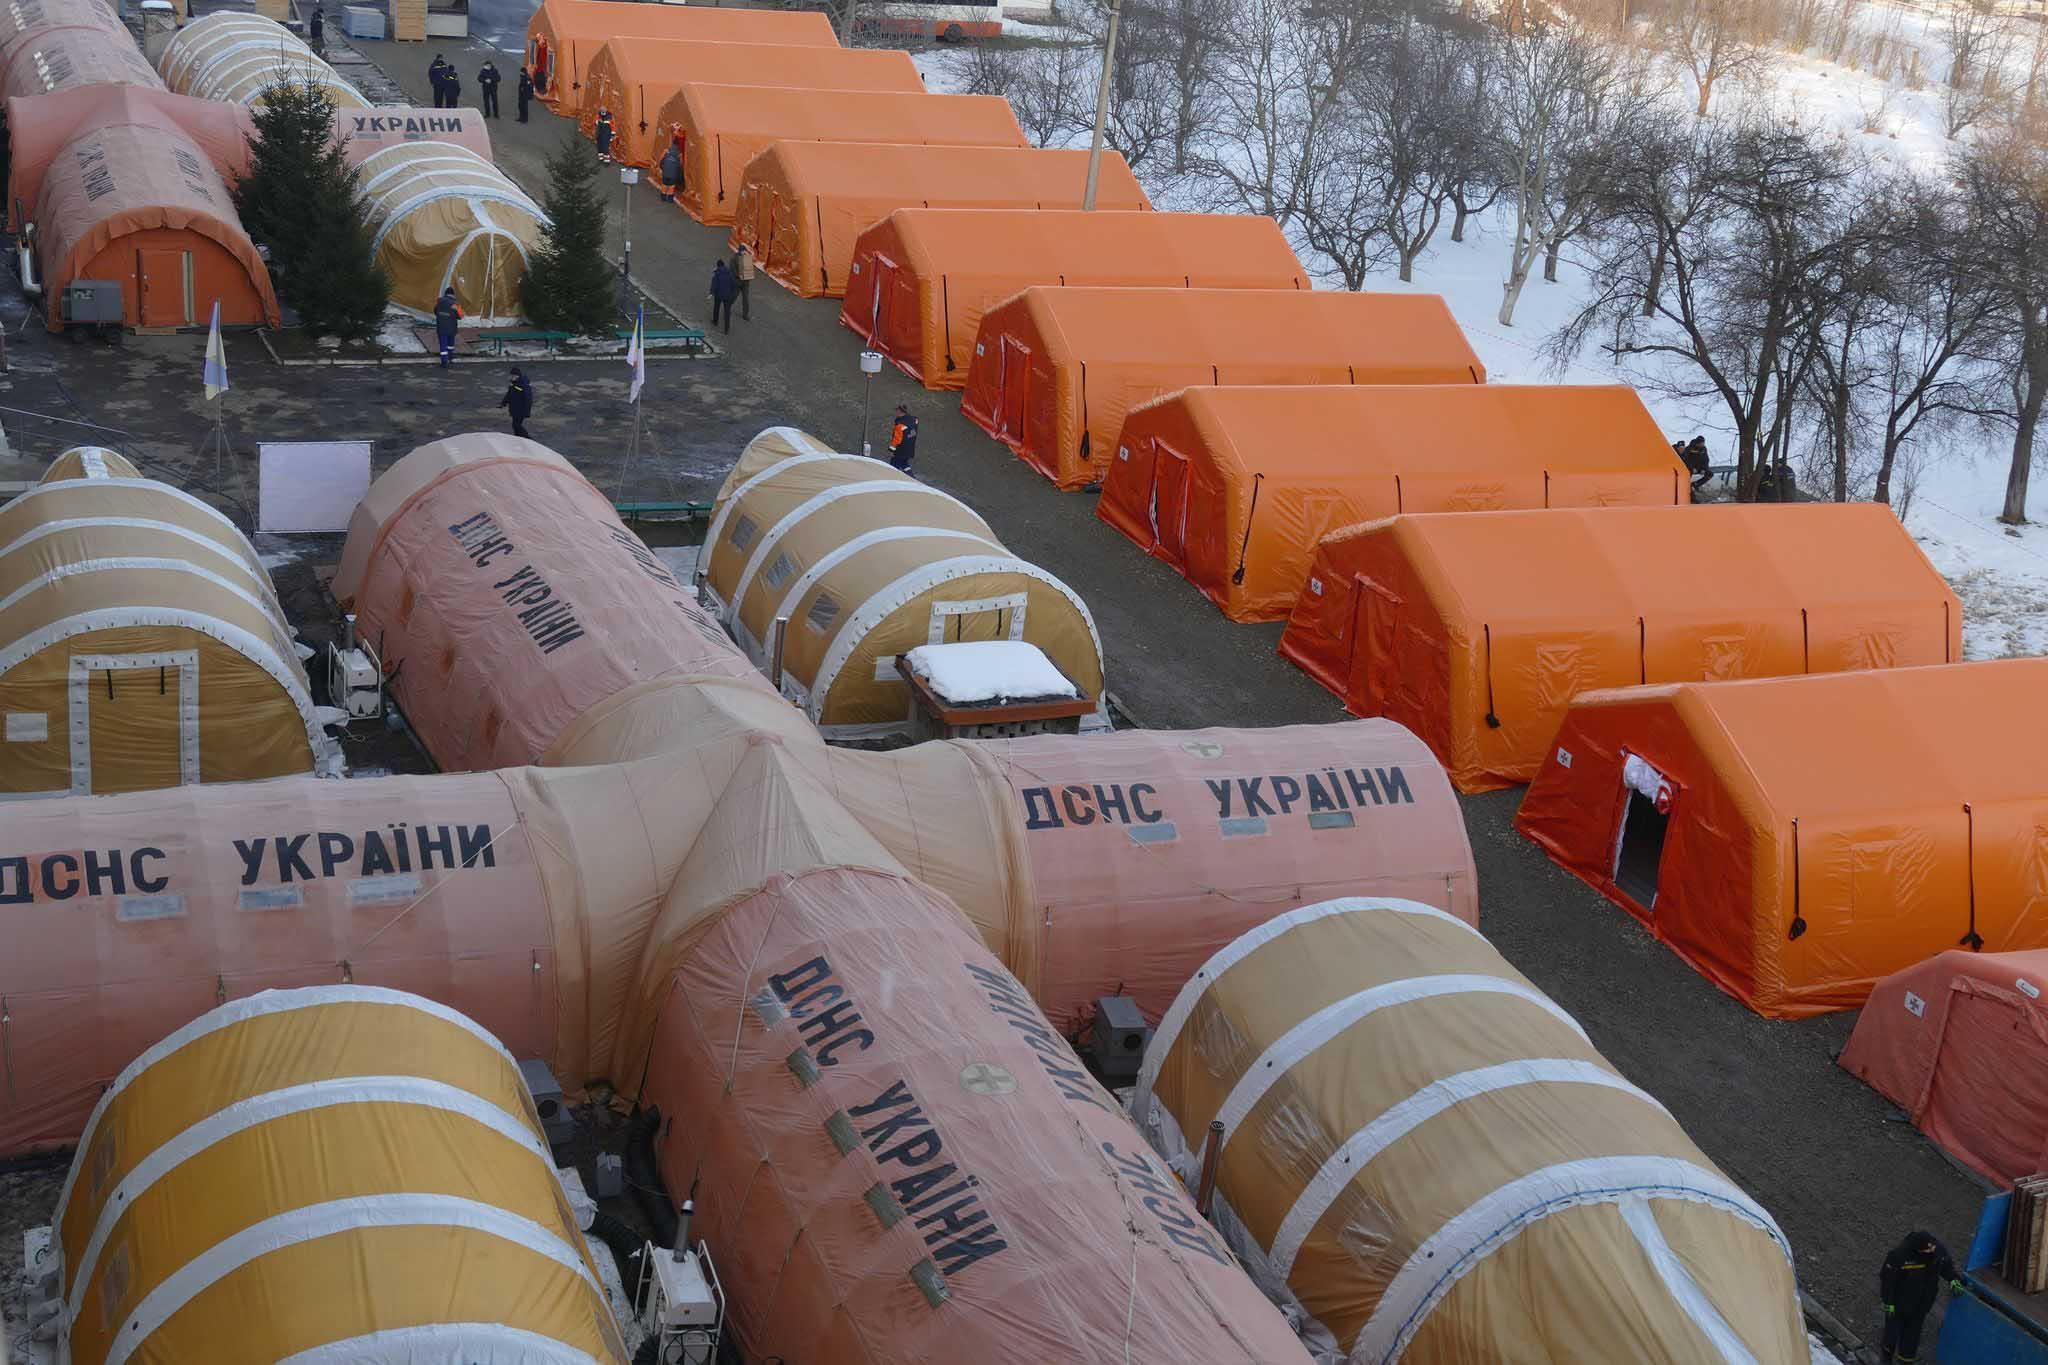 Мобільний COVID-шпиталь на Прикарпатті вже готовий приймати хворих (ФОТО, ВІДЕО)